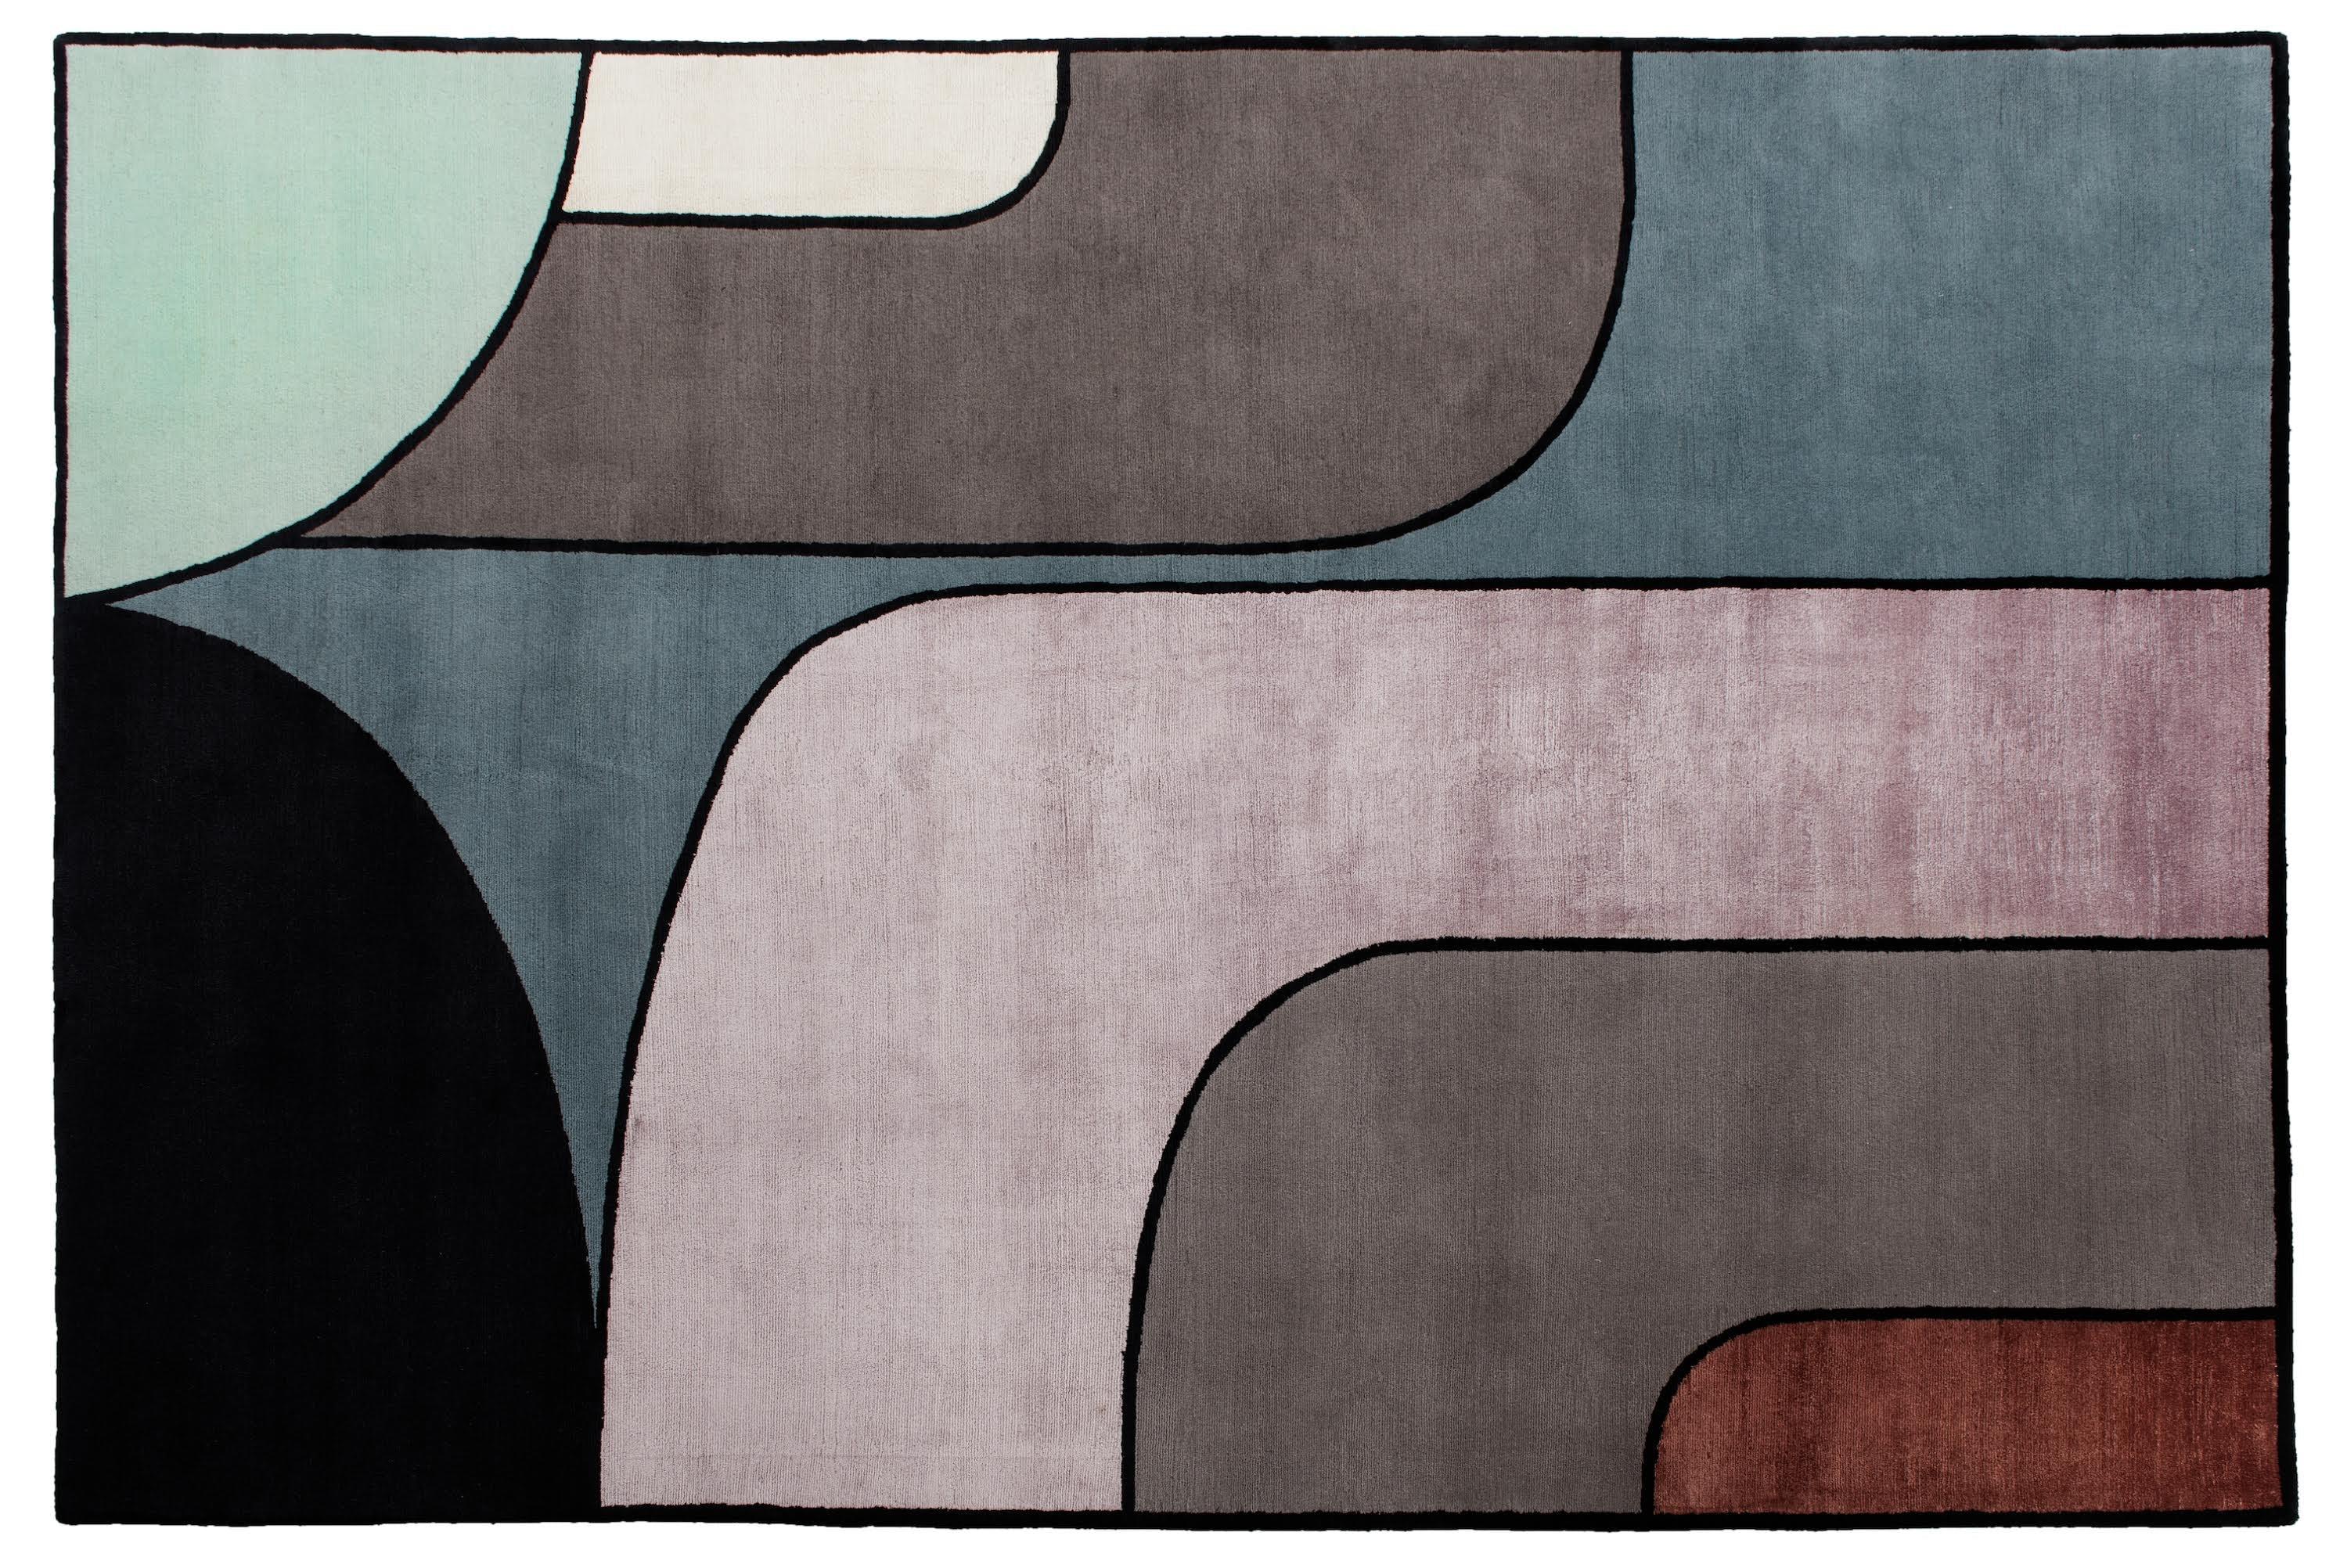 """Tæppet """"Fugue Soft"""" af tibetansk uld og silke fra MossRoom"""